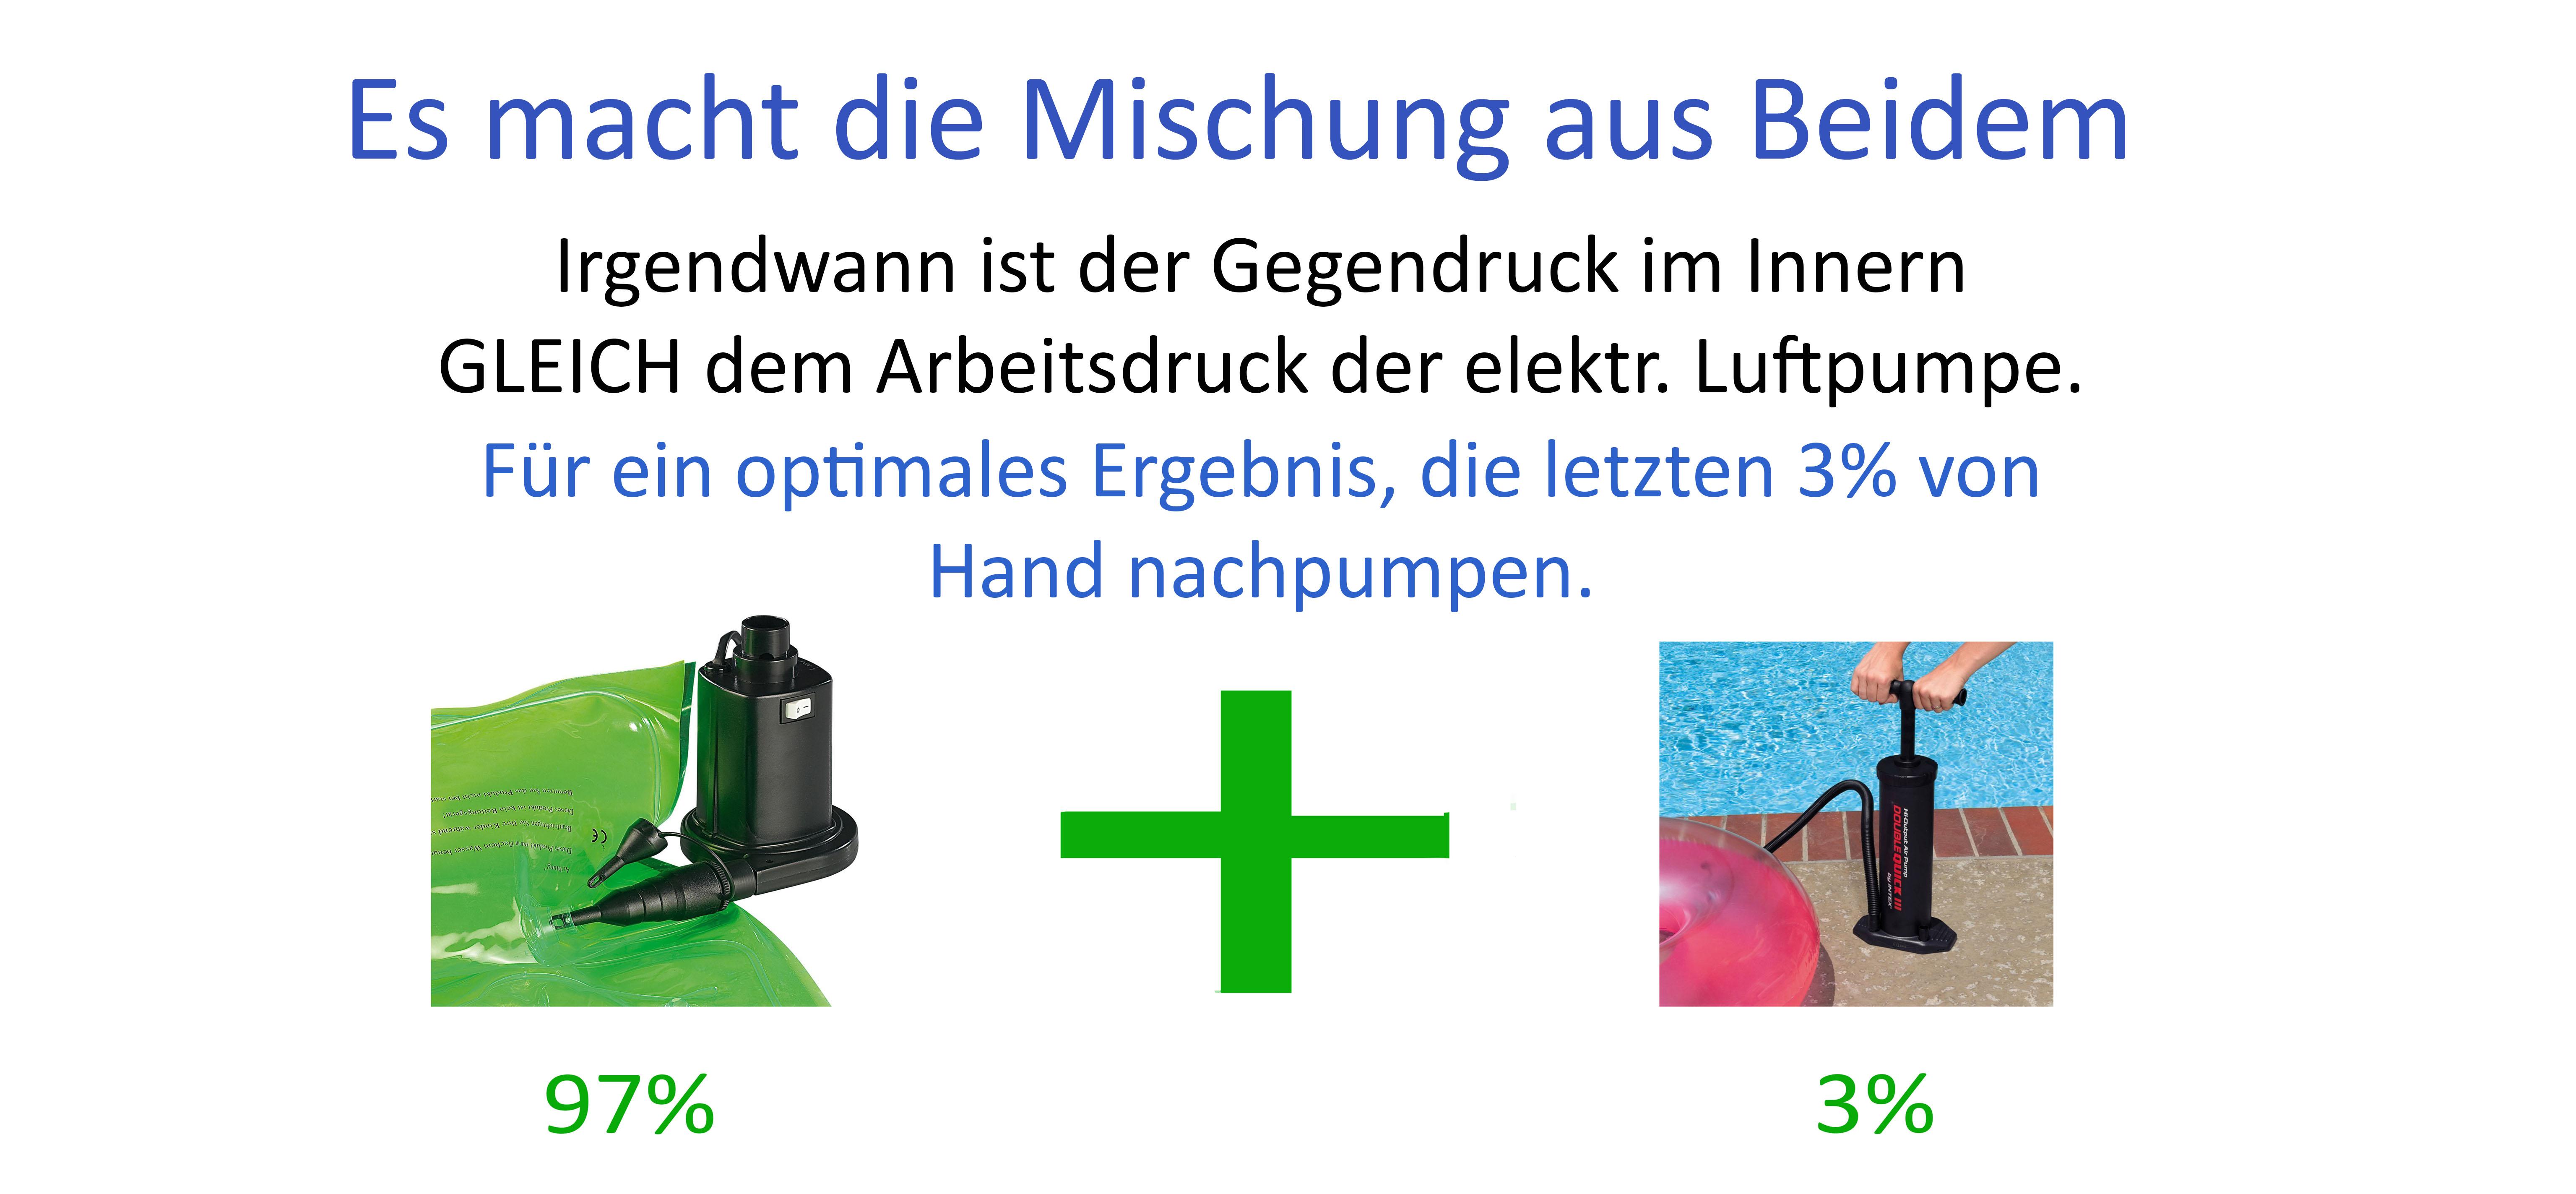 Elektrische Luftpumpe ++ Test ++ NEUES - schwimminsel24.de